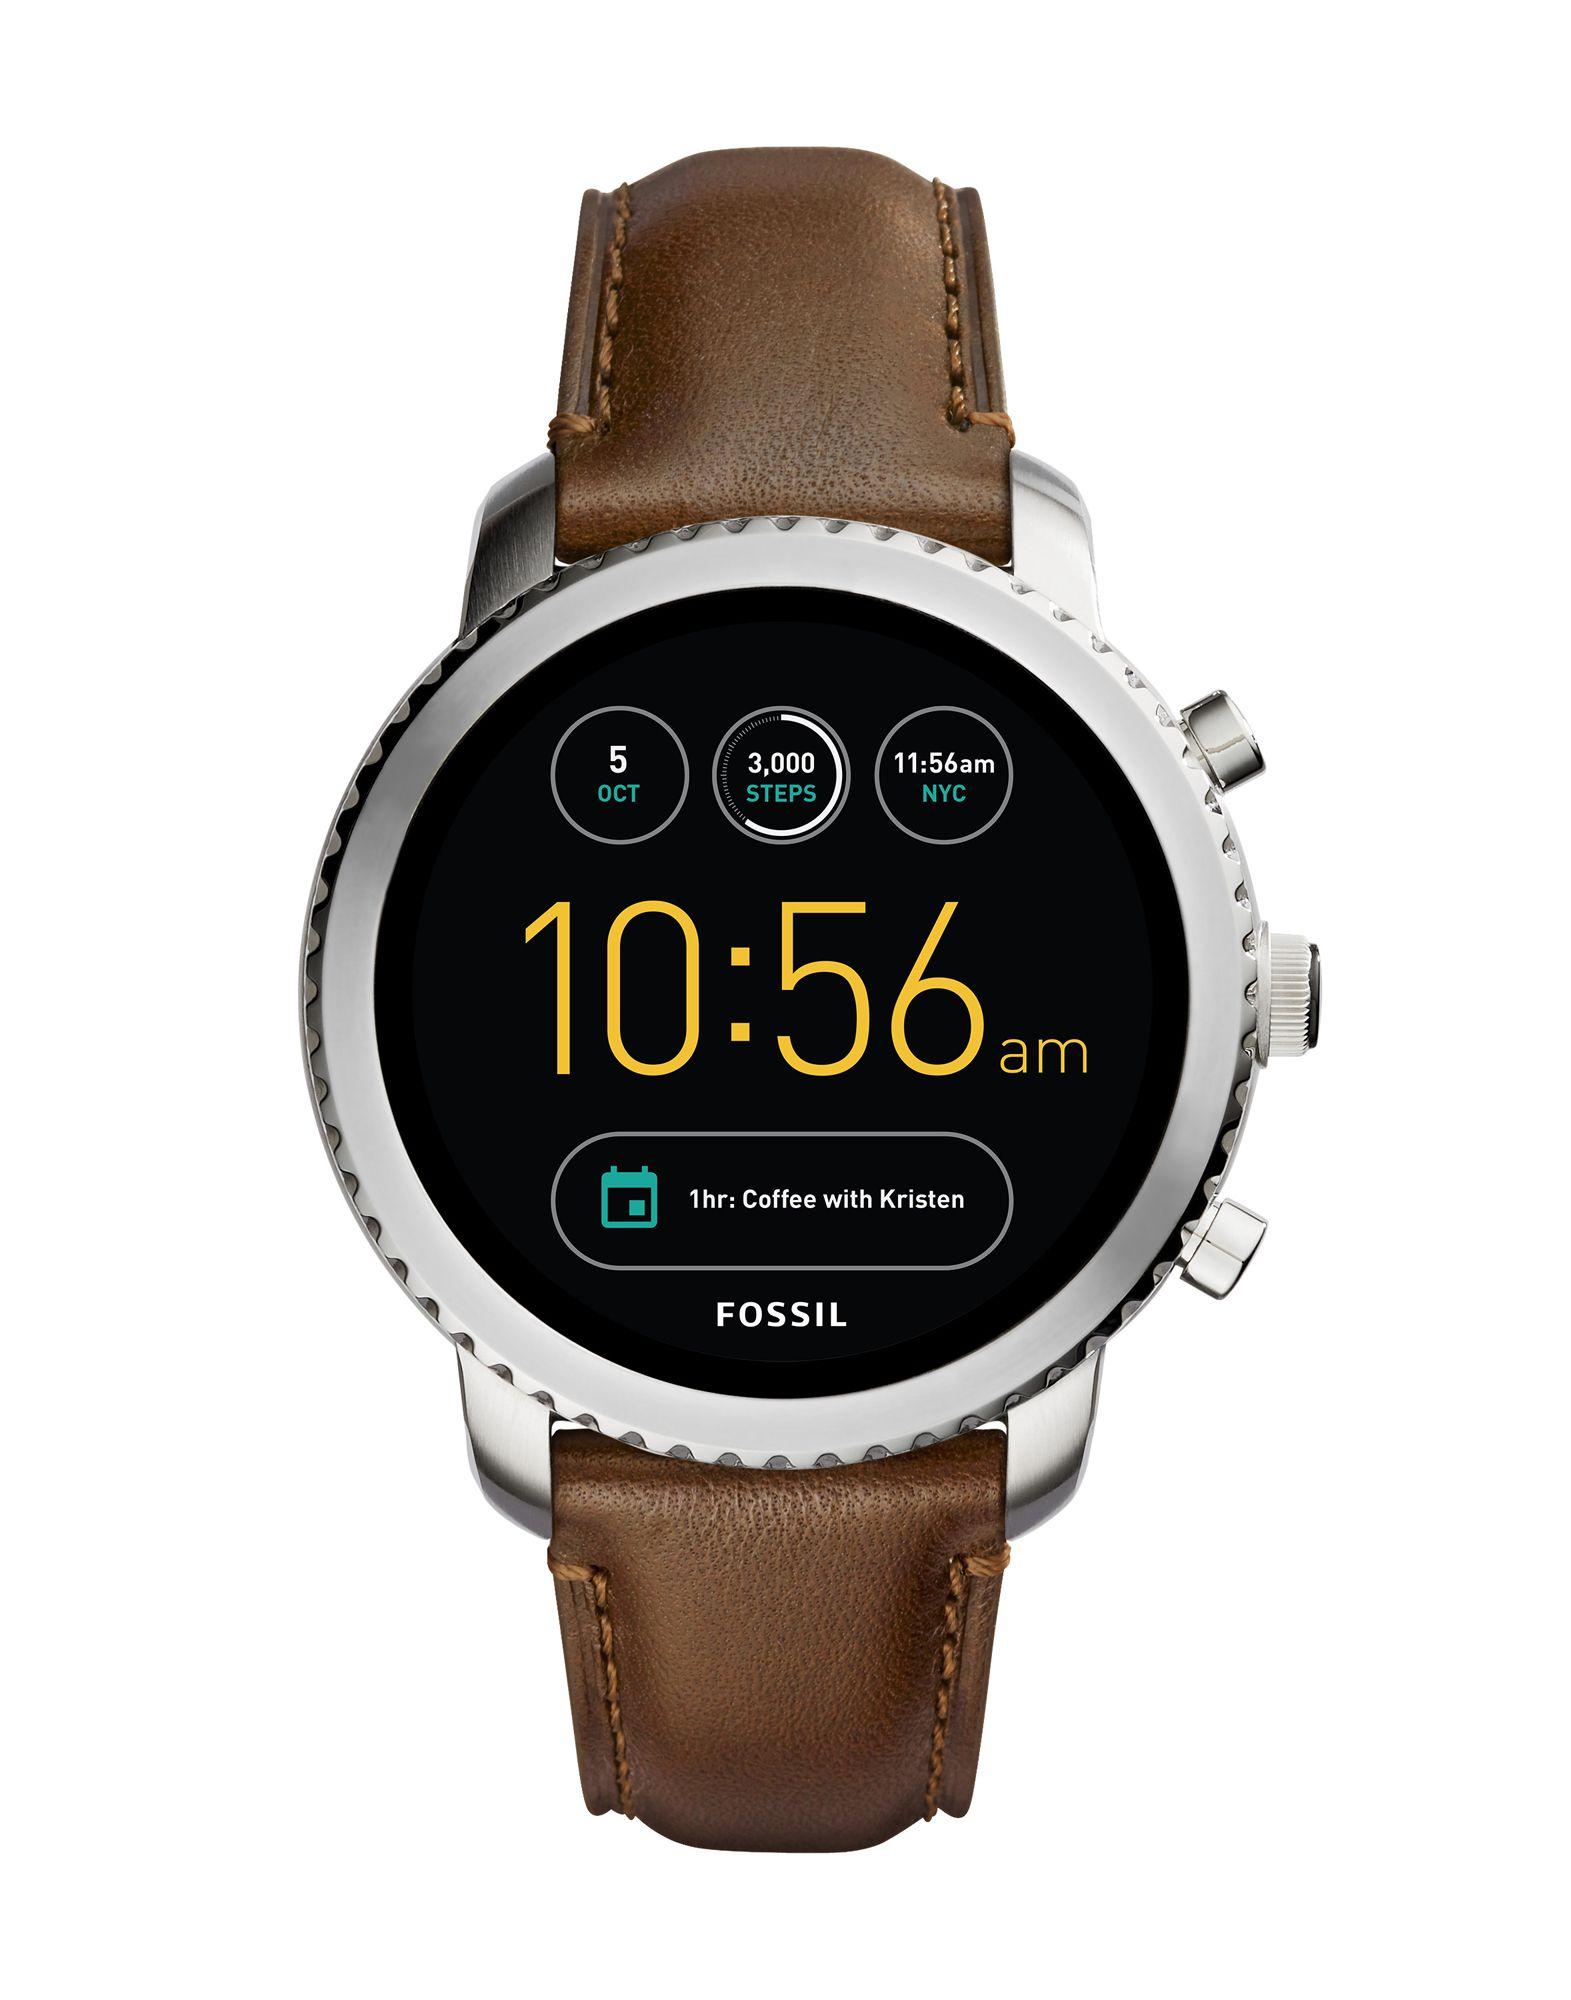 FOSSIL Q Herren Smartwatch Farbe Dunkelbraun Größe 1 - broschei